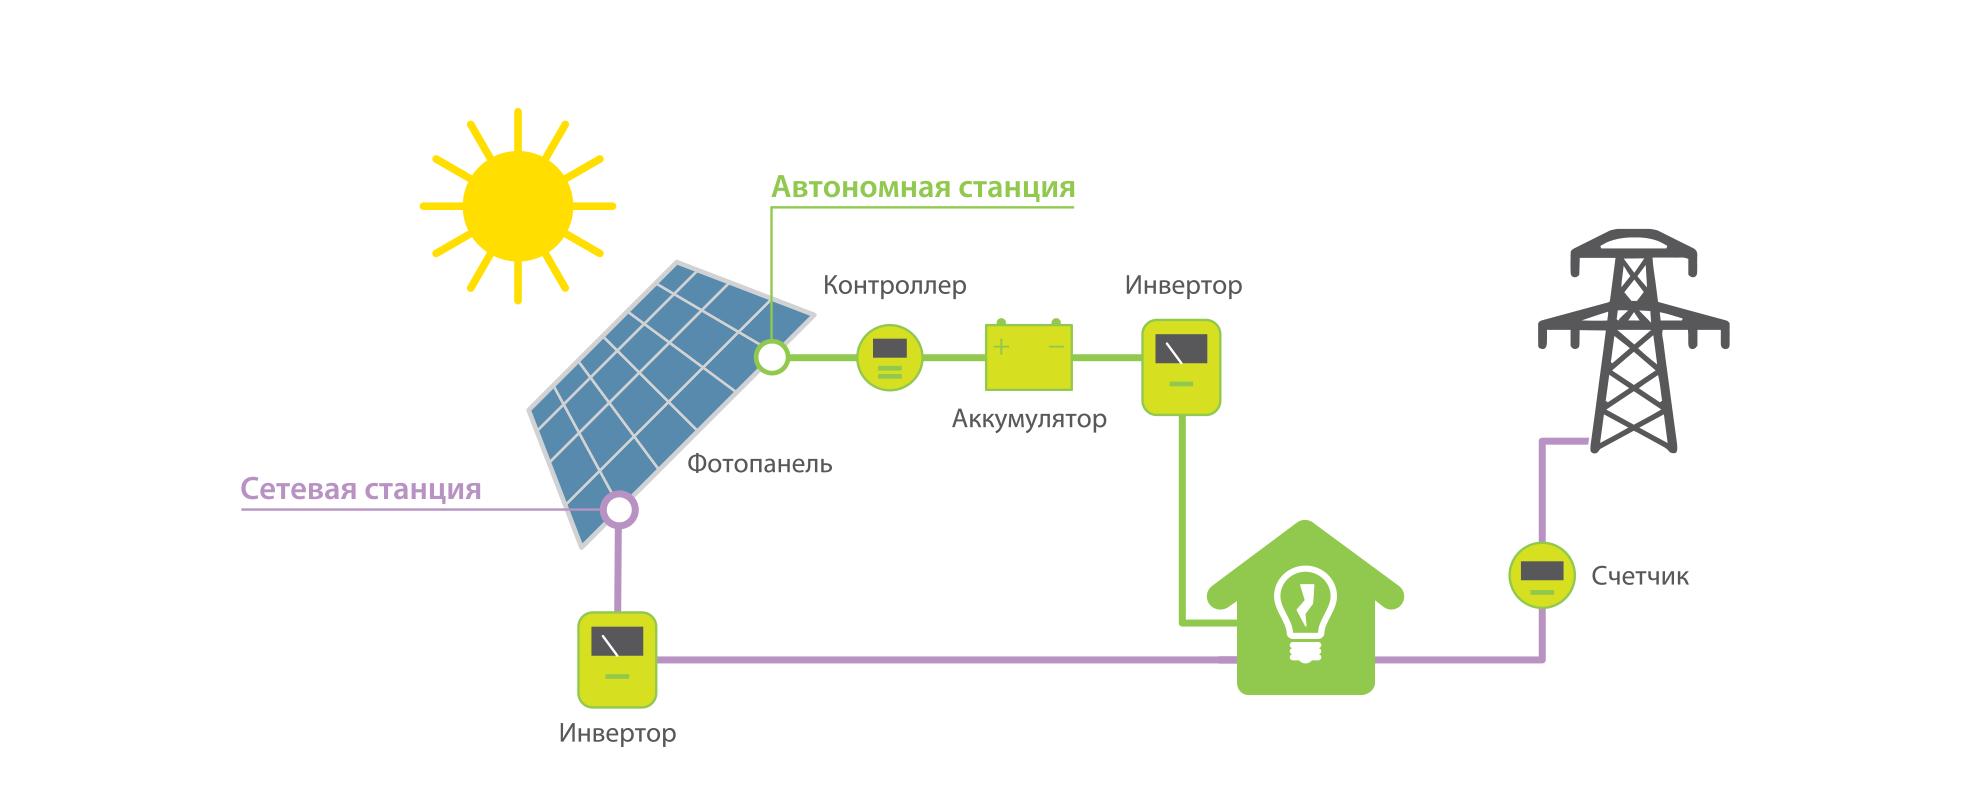 Солнечное электричество для дома – Солнечная электростанция на дом 200 м2 своими руками / Habr